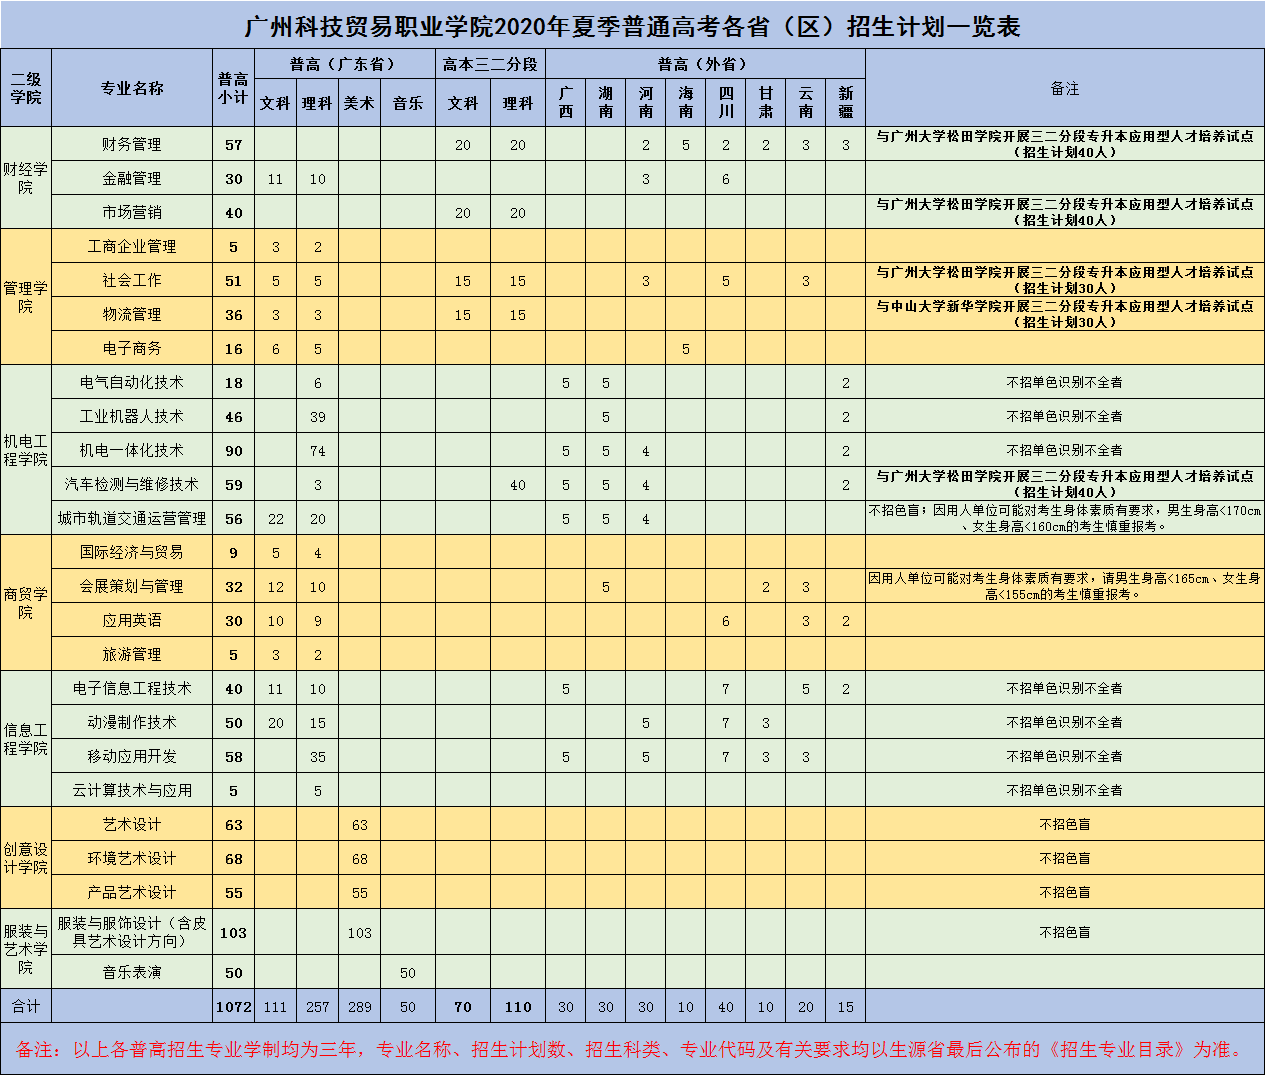 广州科技贸易职业学院2020年普高招生计划一览表